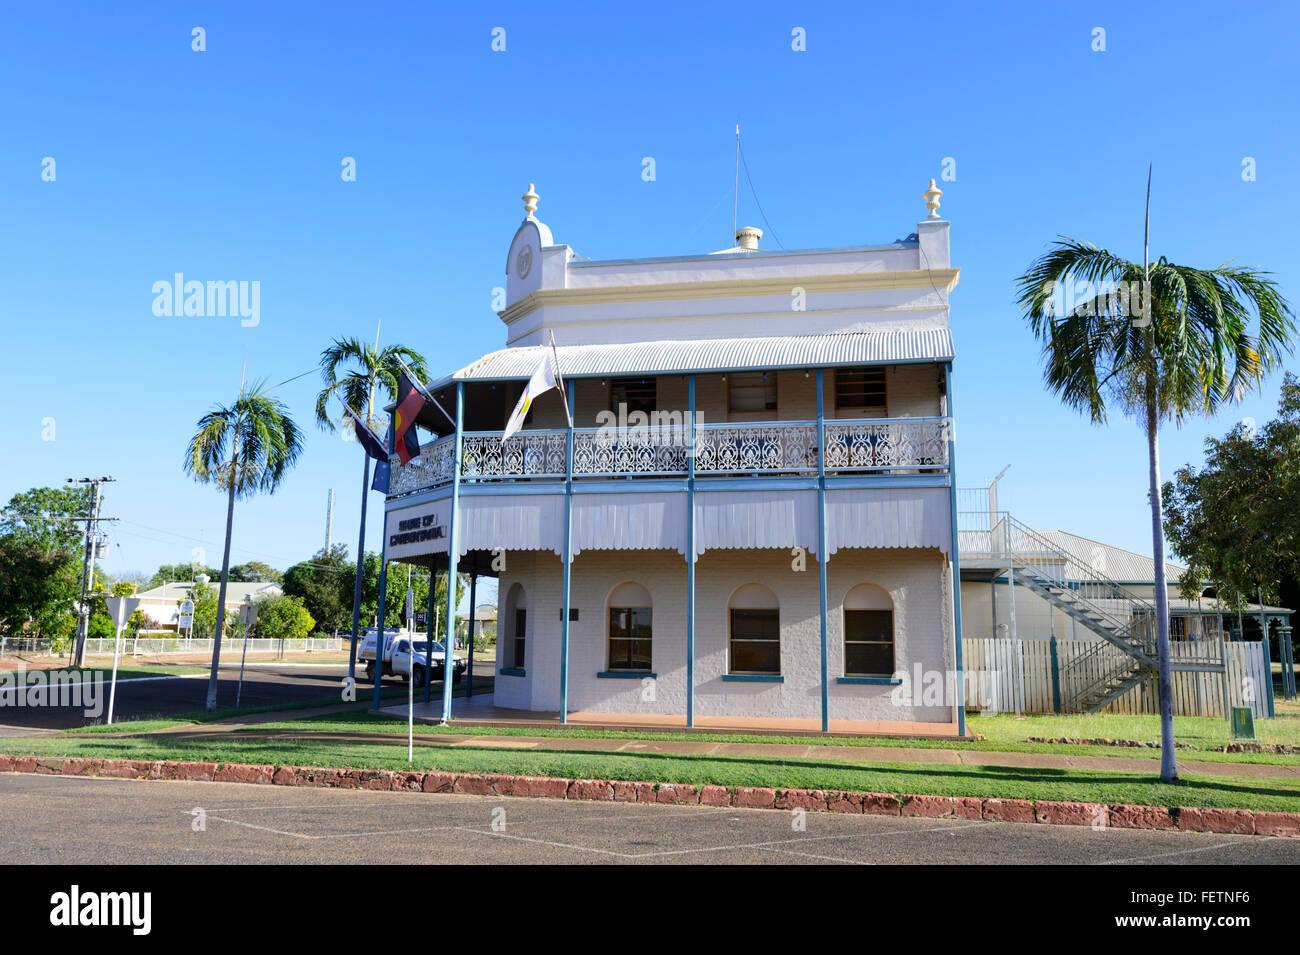 Historische Gebäude, Normanton, Golf von Carpentaria, Queensland, Australien Stockbild